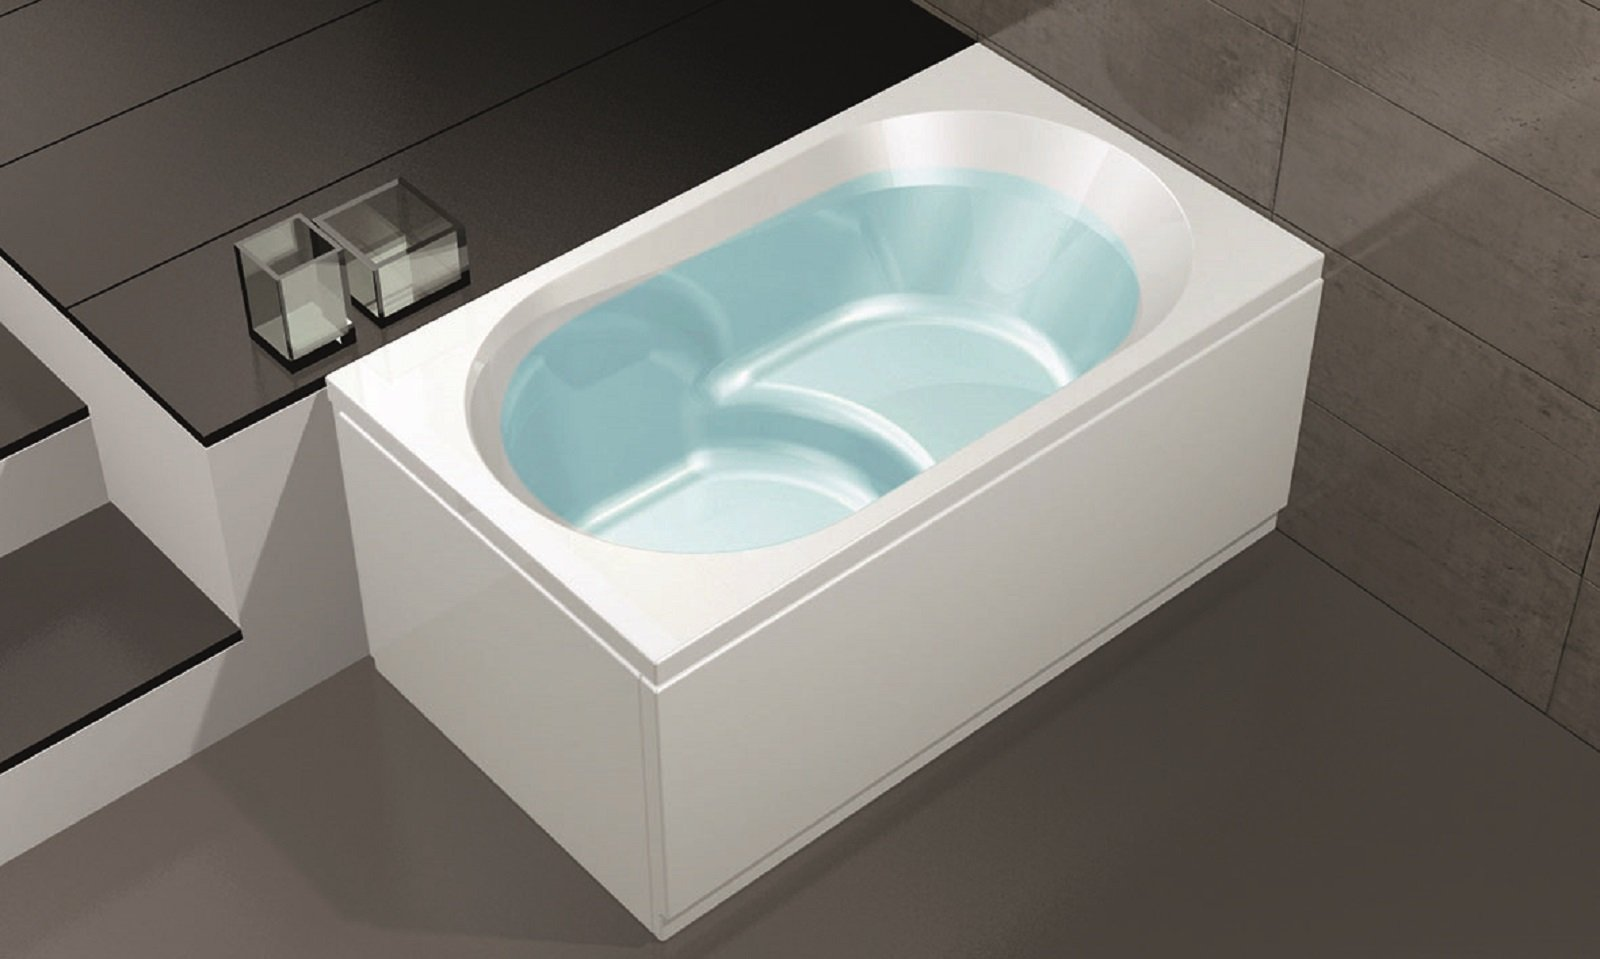 Vasca Da Bagno Piccola Economica : Vasche piccole dalle dimensioni compatte e svariate misure e forme